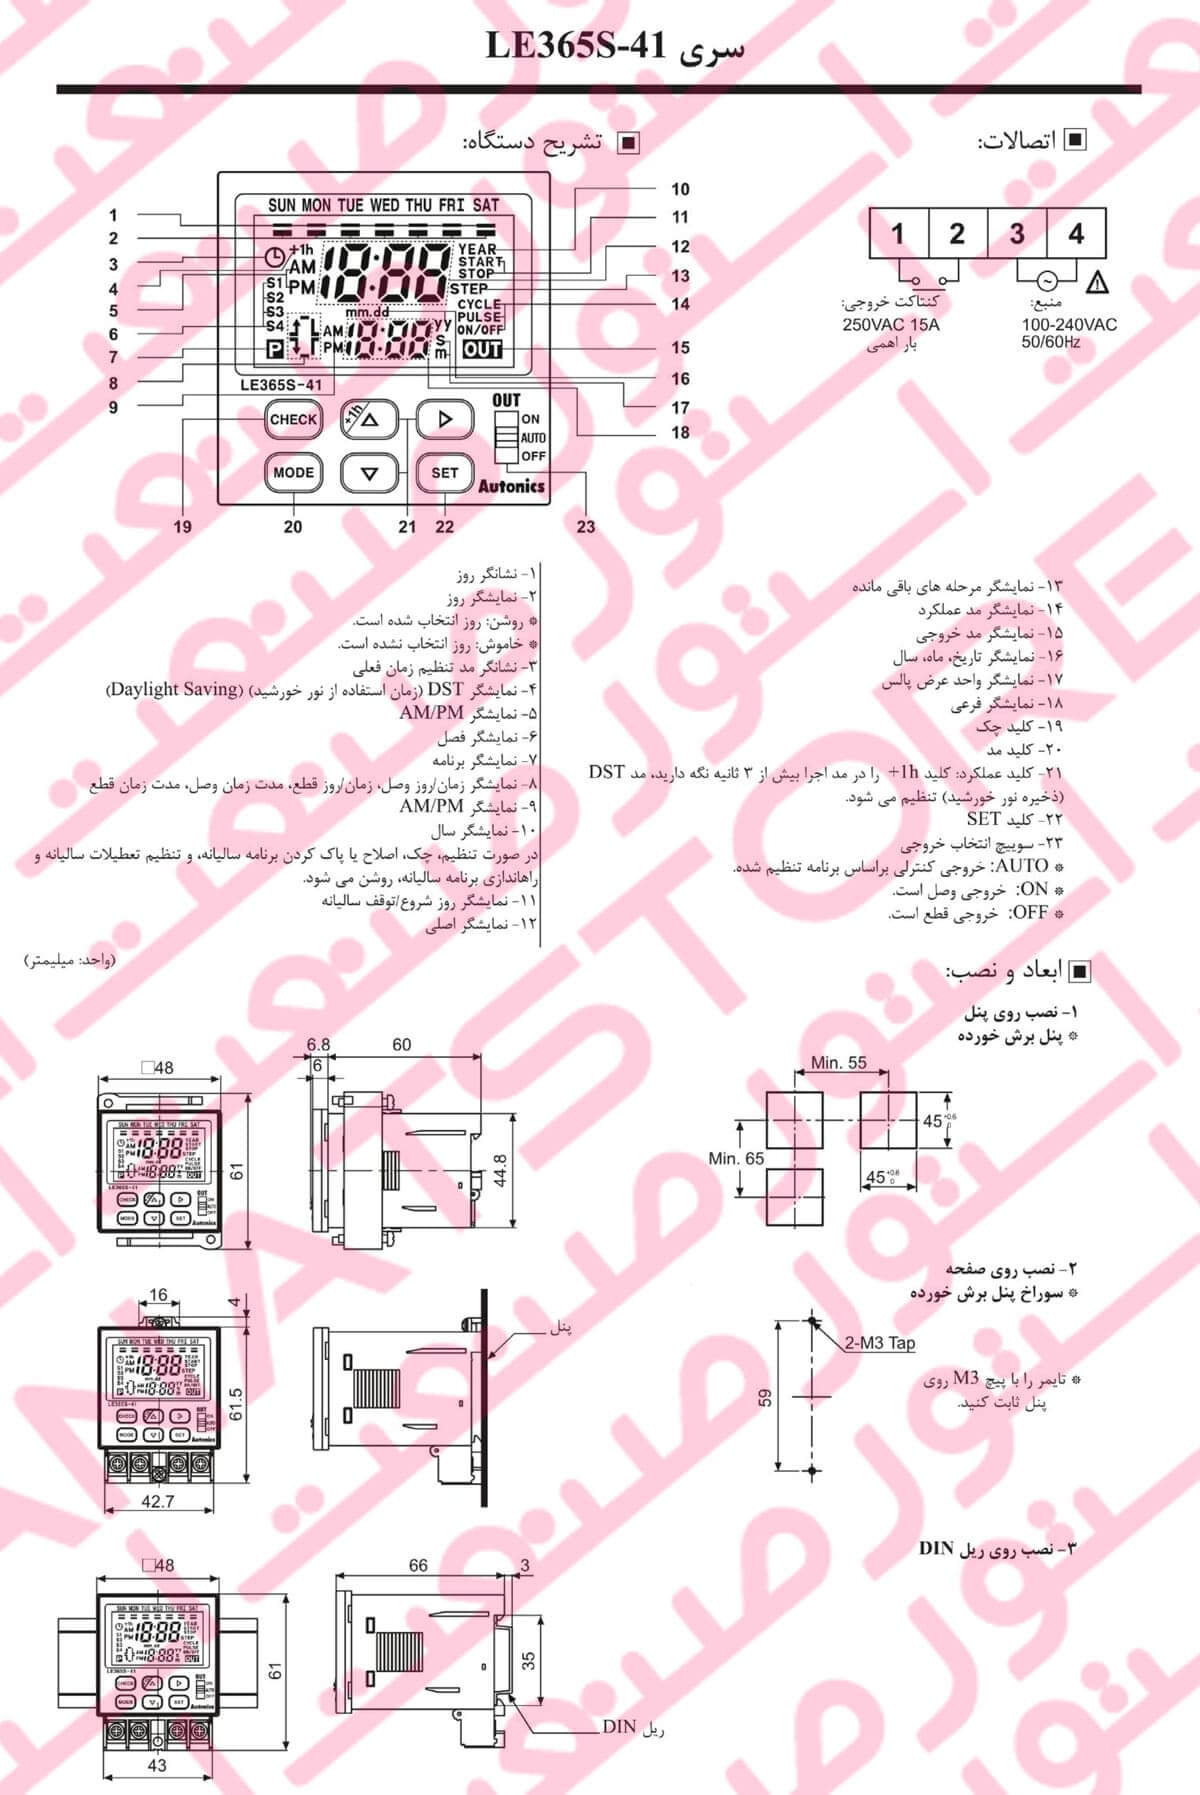 راهنمای نصب تایمرهای دیجیتال آتونیکس Autonics سری LE365S-41